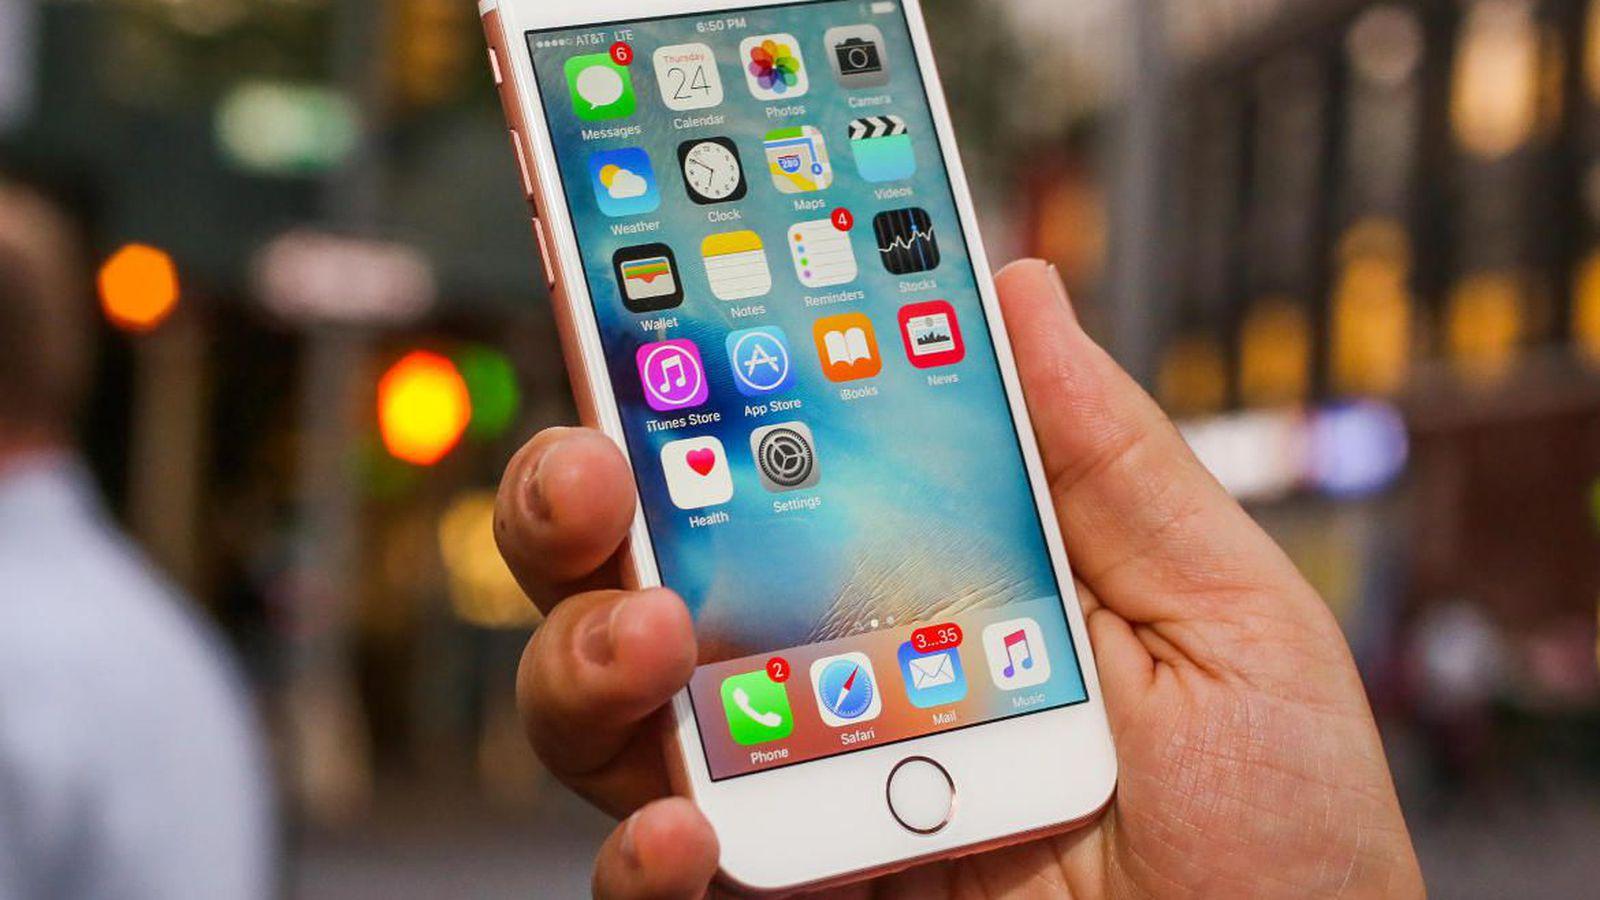 iphone 6s cnet news fd 1 - Tổng hợp 8 ứng dụng hay và miễn phí trên iOS ngày 08.11.2016